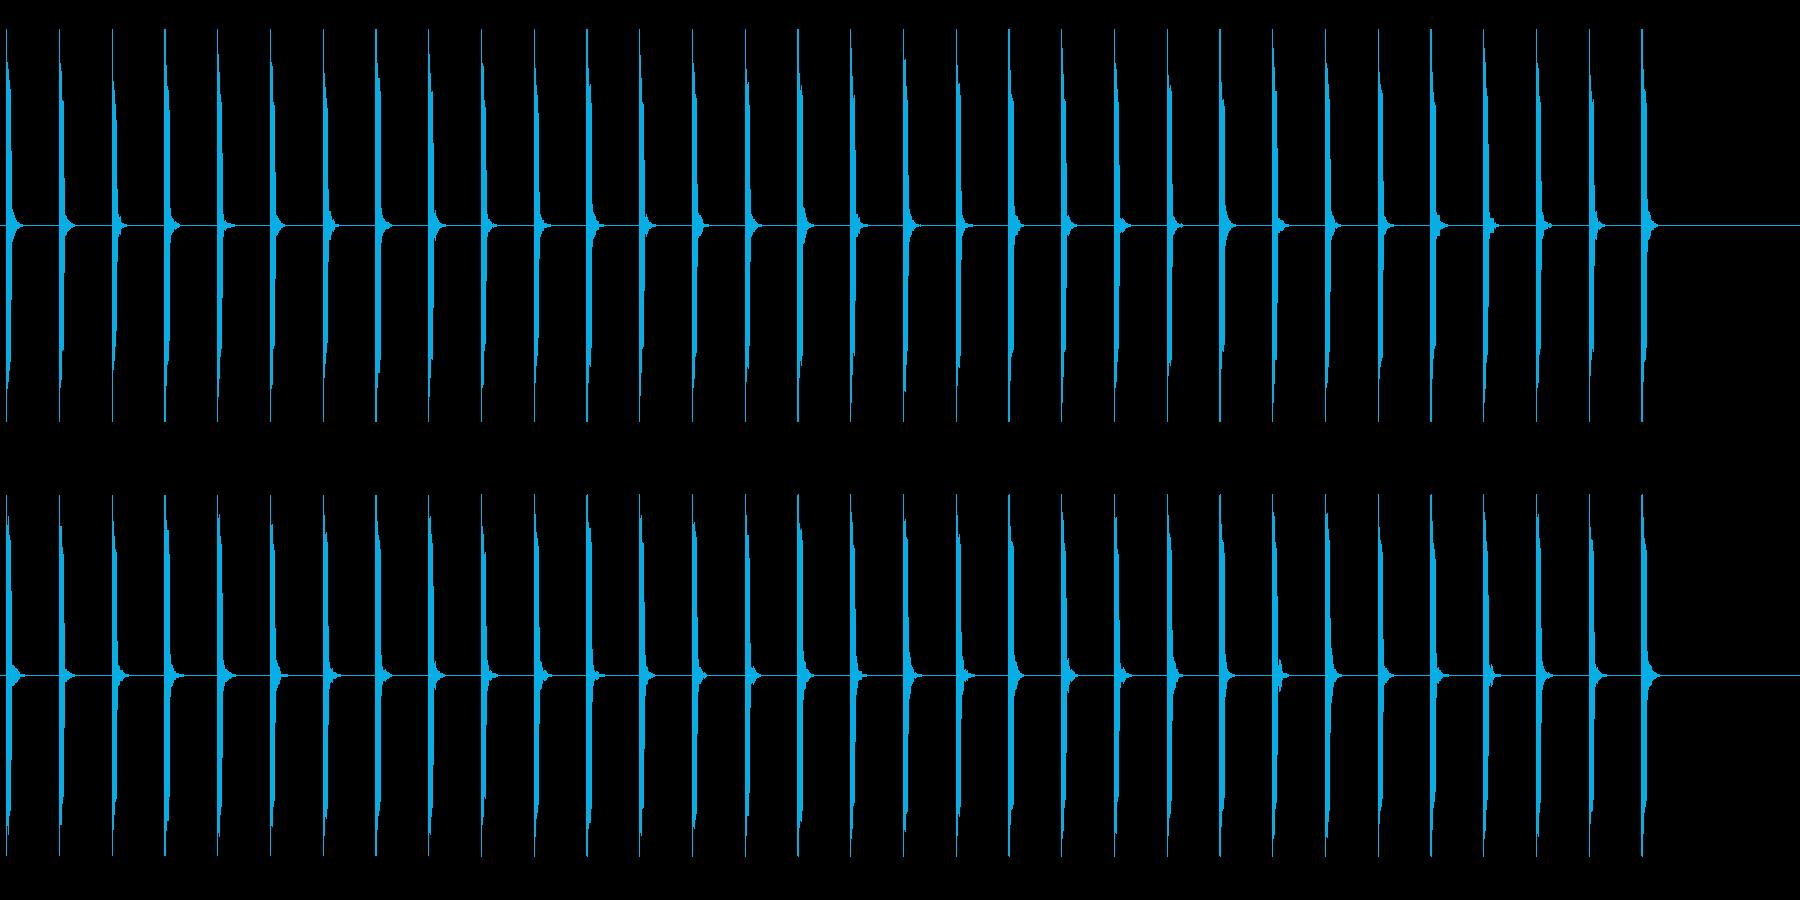 心電図の音-4-1(BPM40)の再生済みの波形